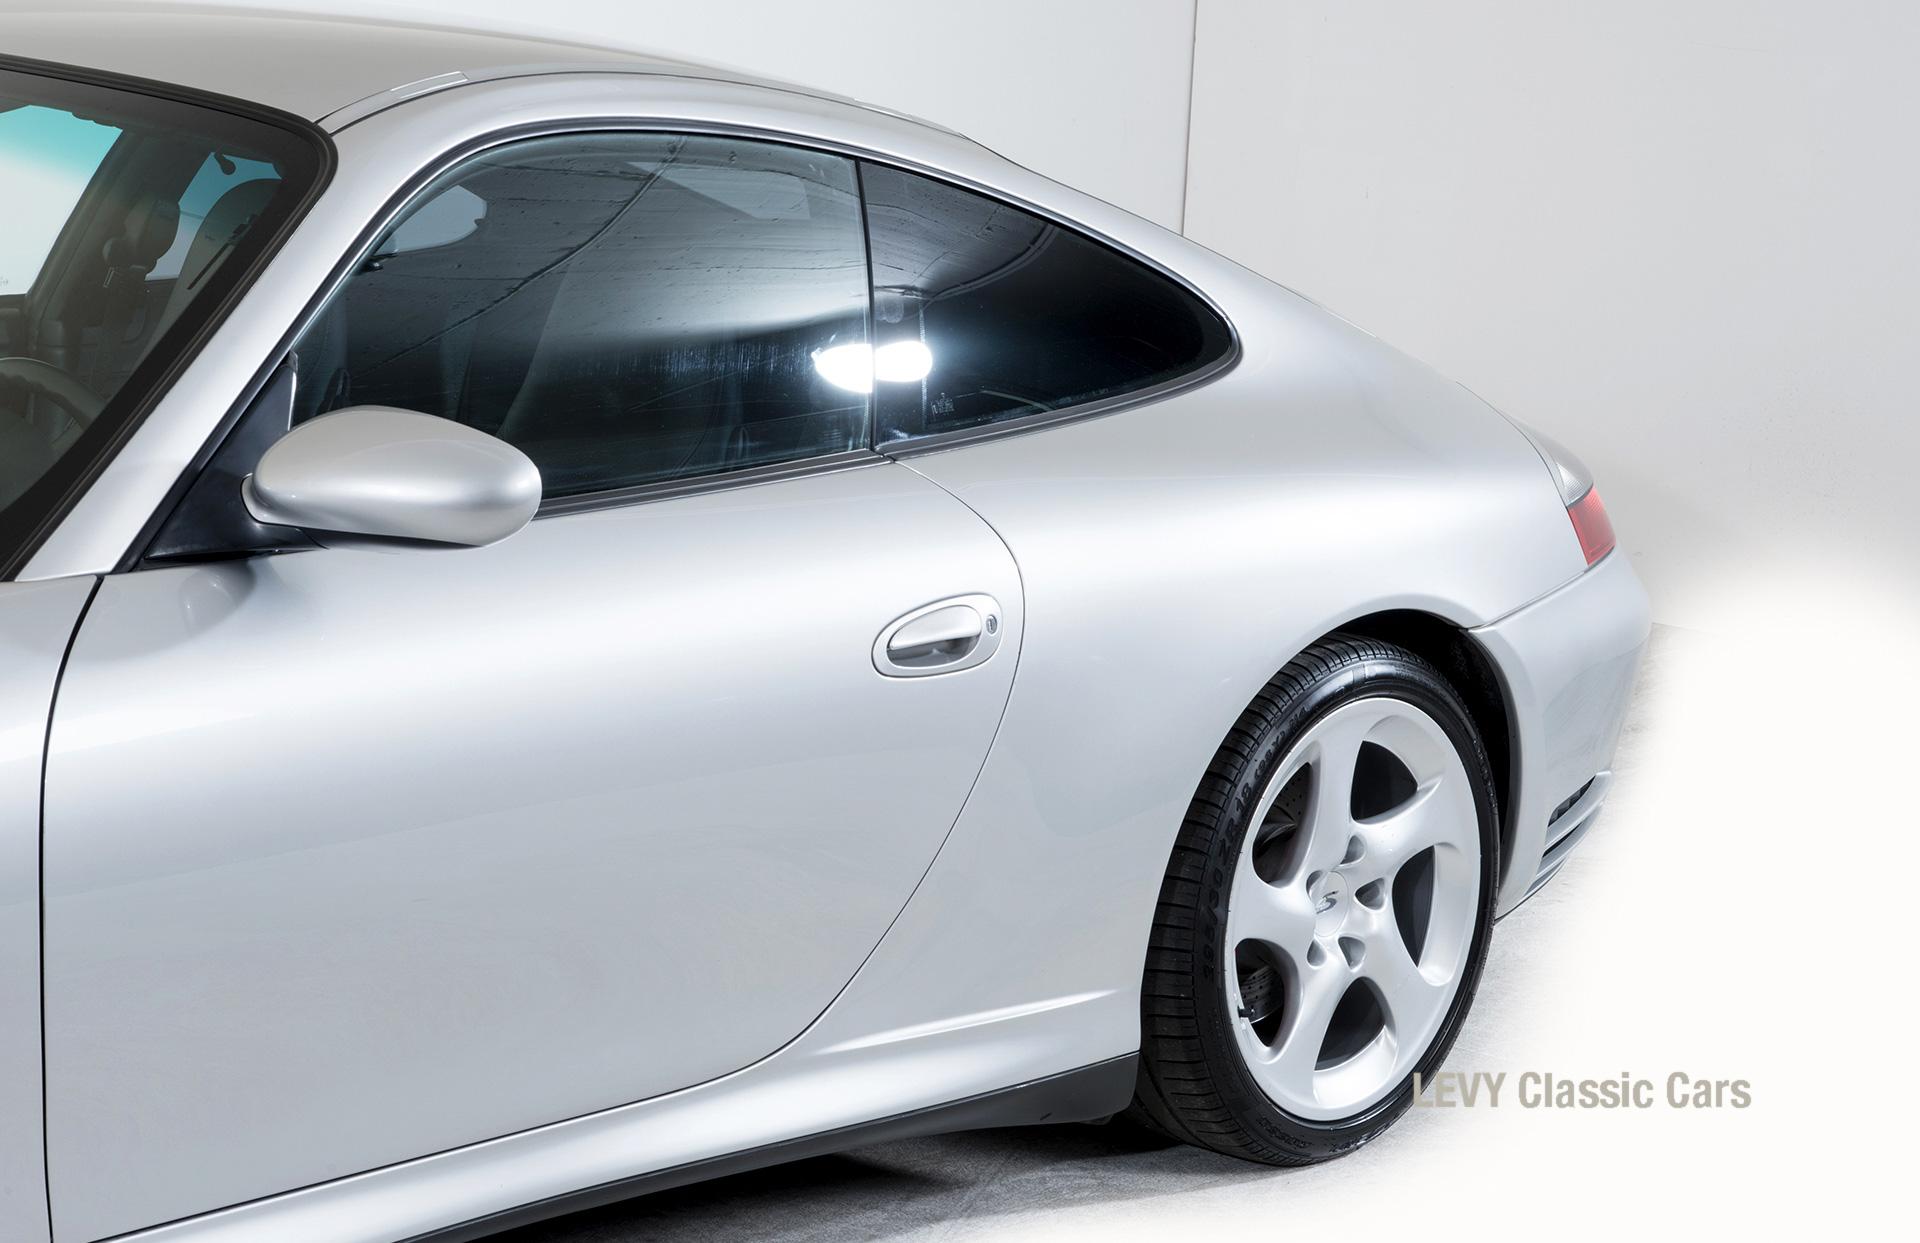 Porsche 996 00181 21